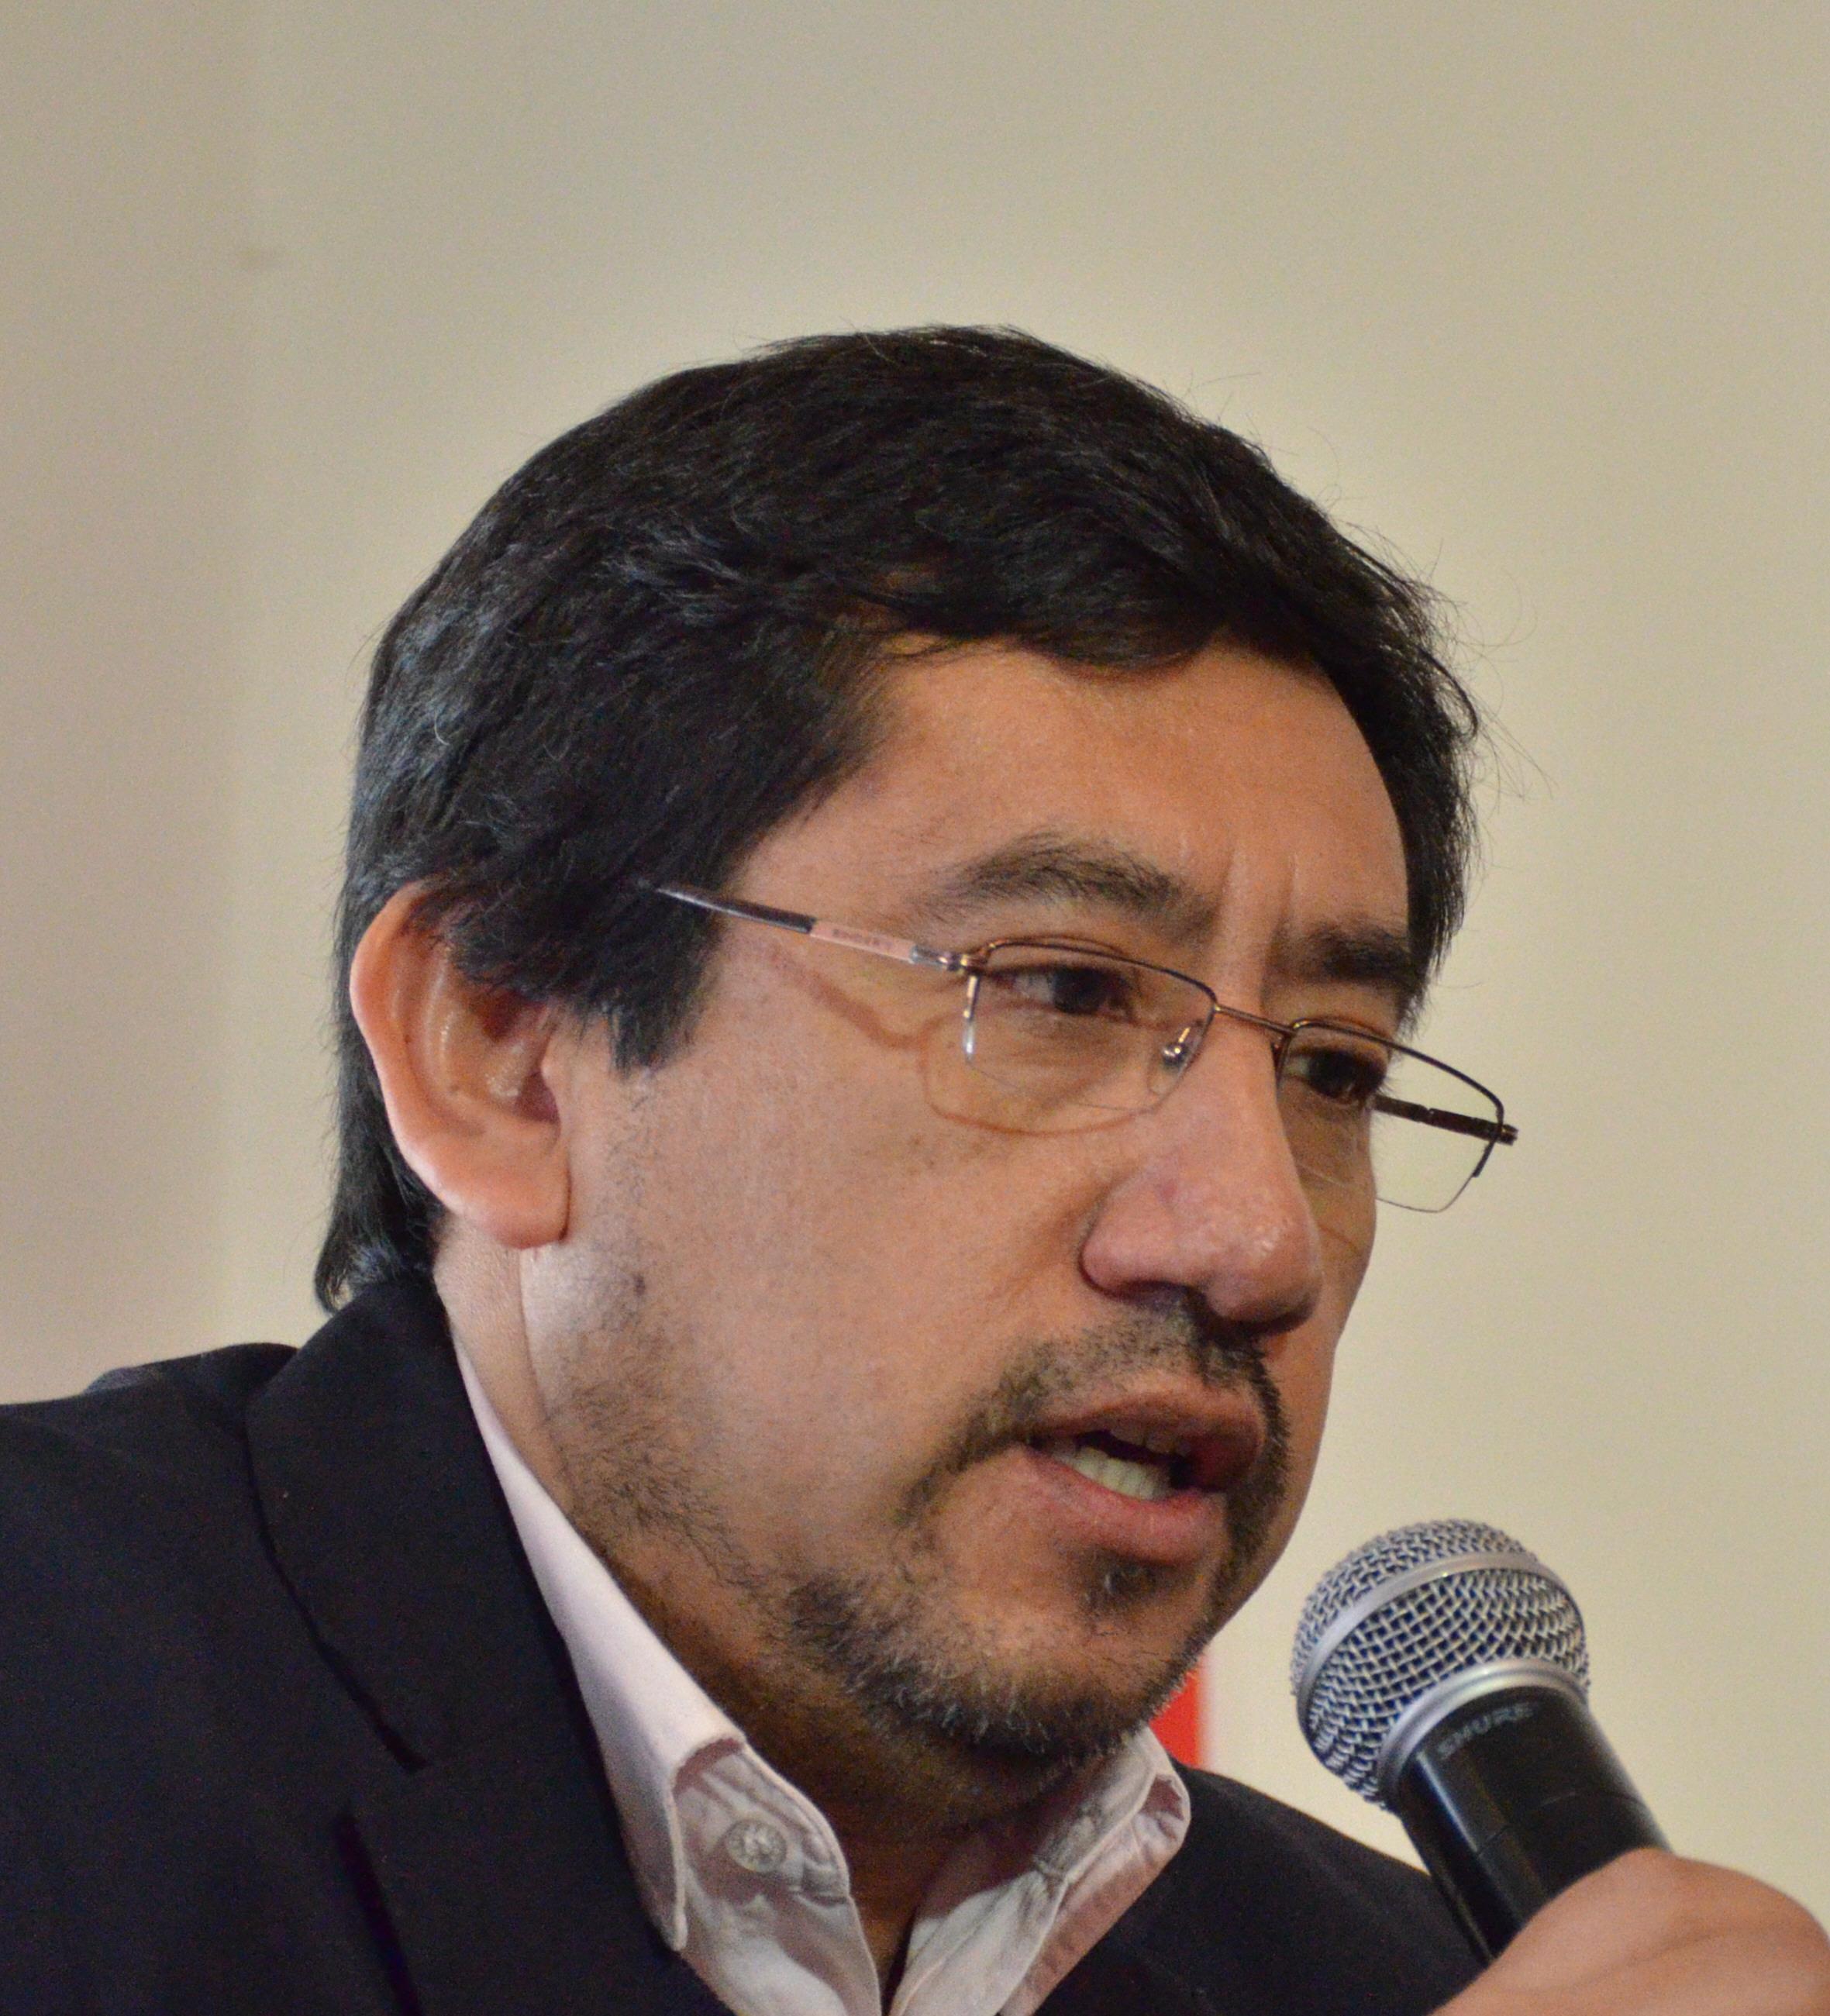 'Los cuatro detenidos participaron en el hecho. Eso está claro'. Sandro Levín, representante de la querella.